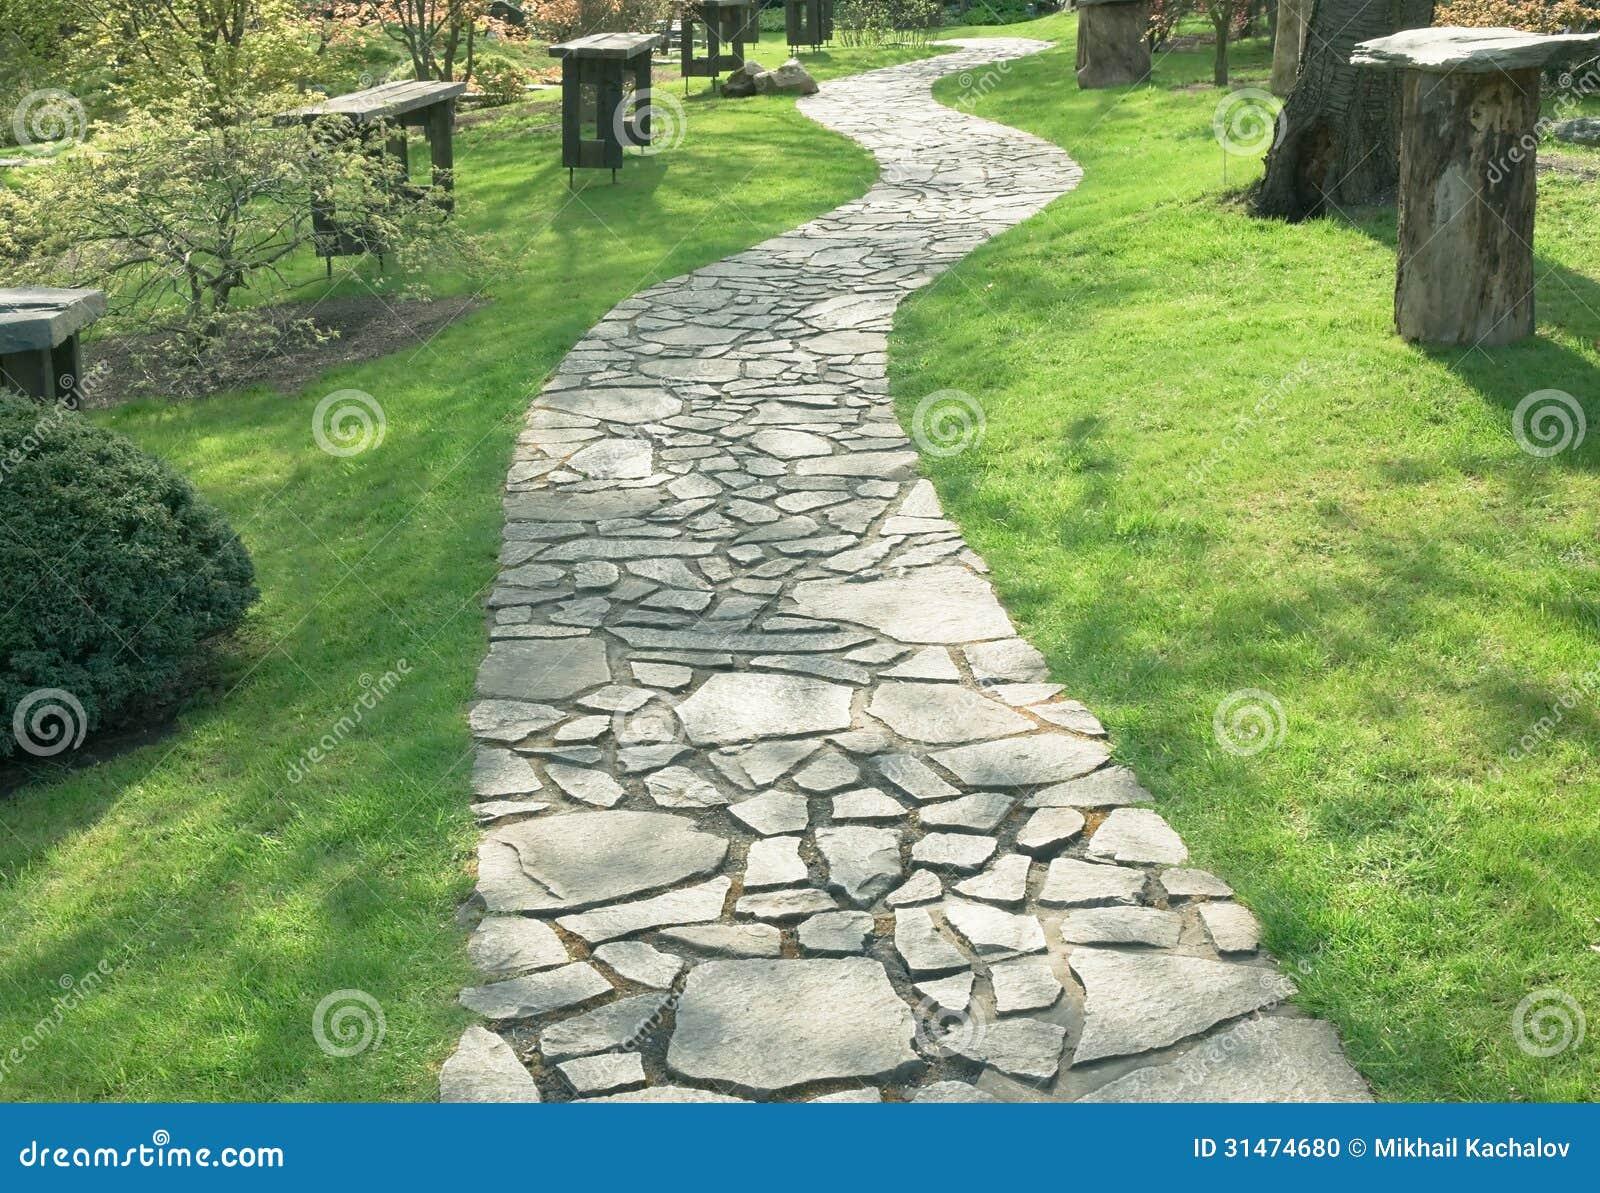 japanischer gartenweg – proxyagent, Garten seite